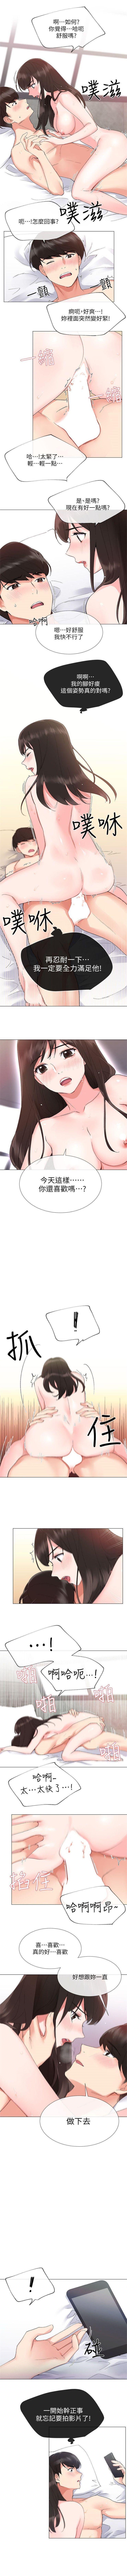 重考生 1-44 中文翻译(更新中) 18